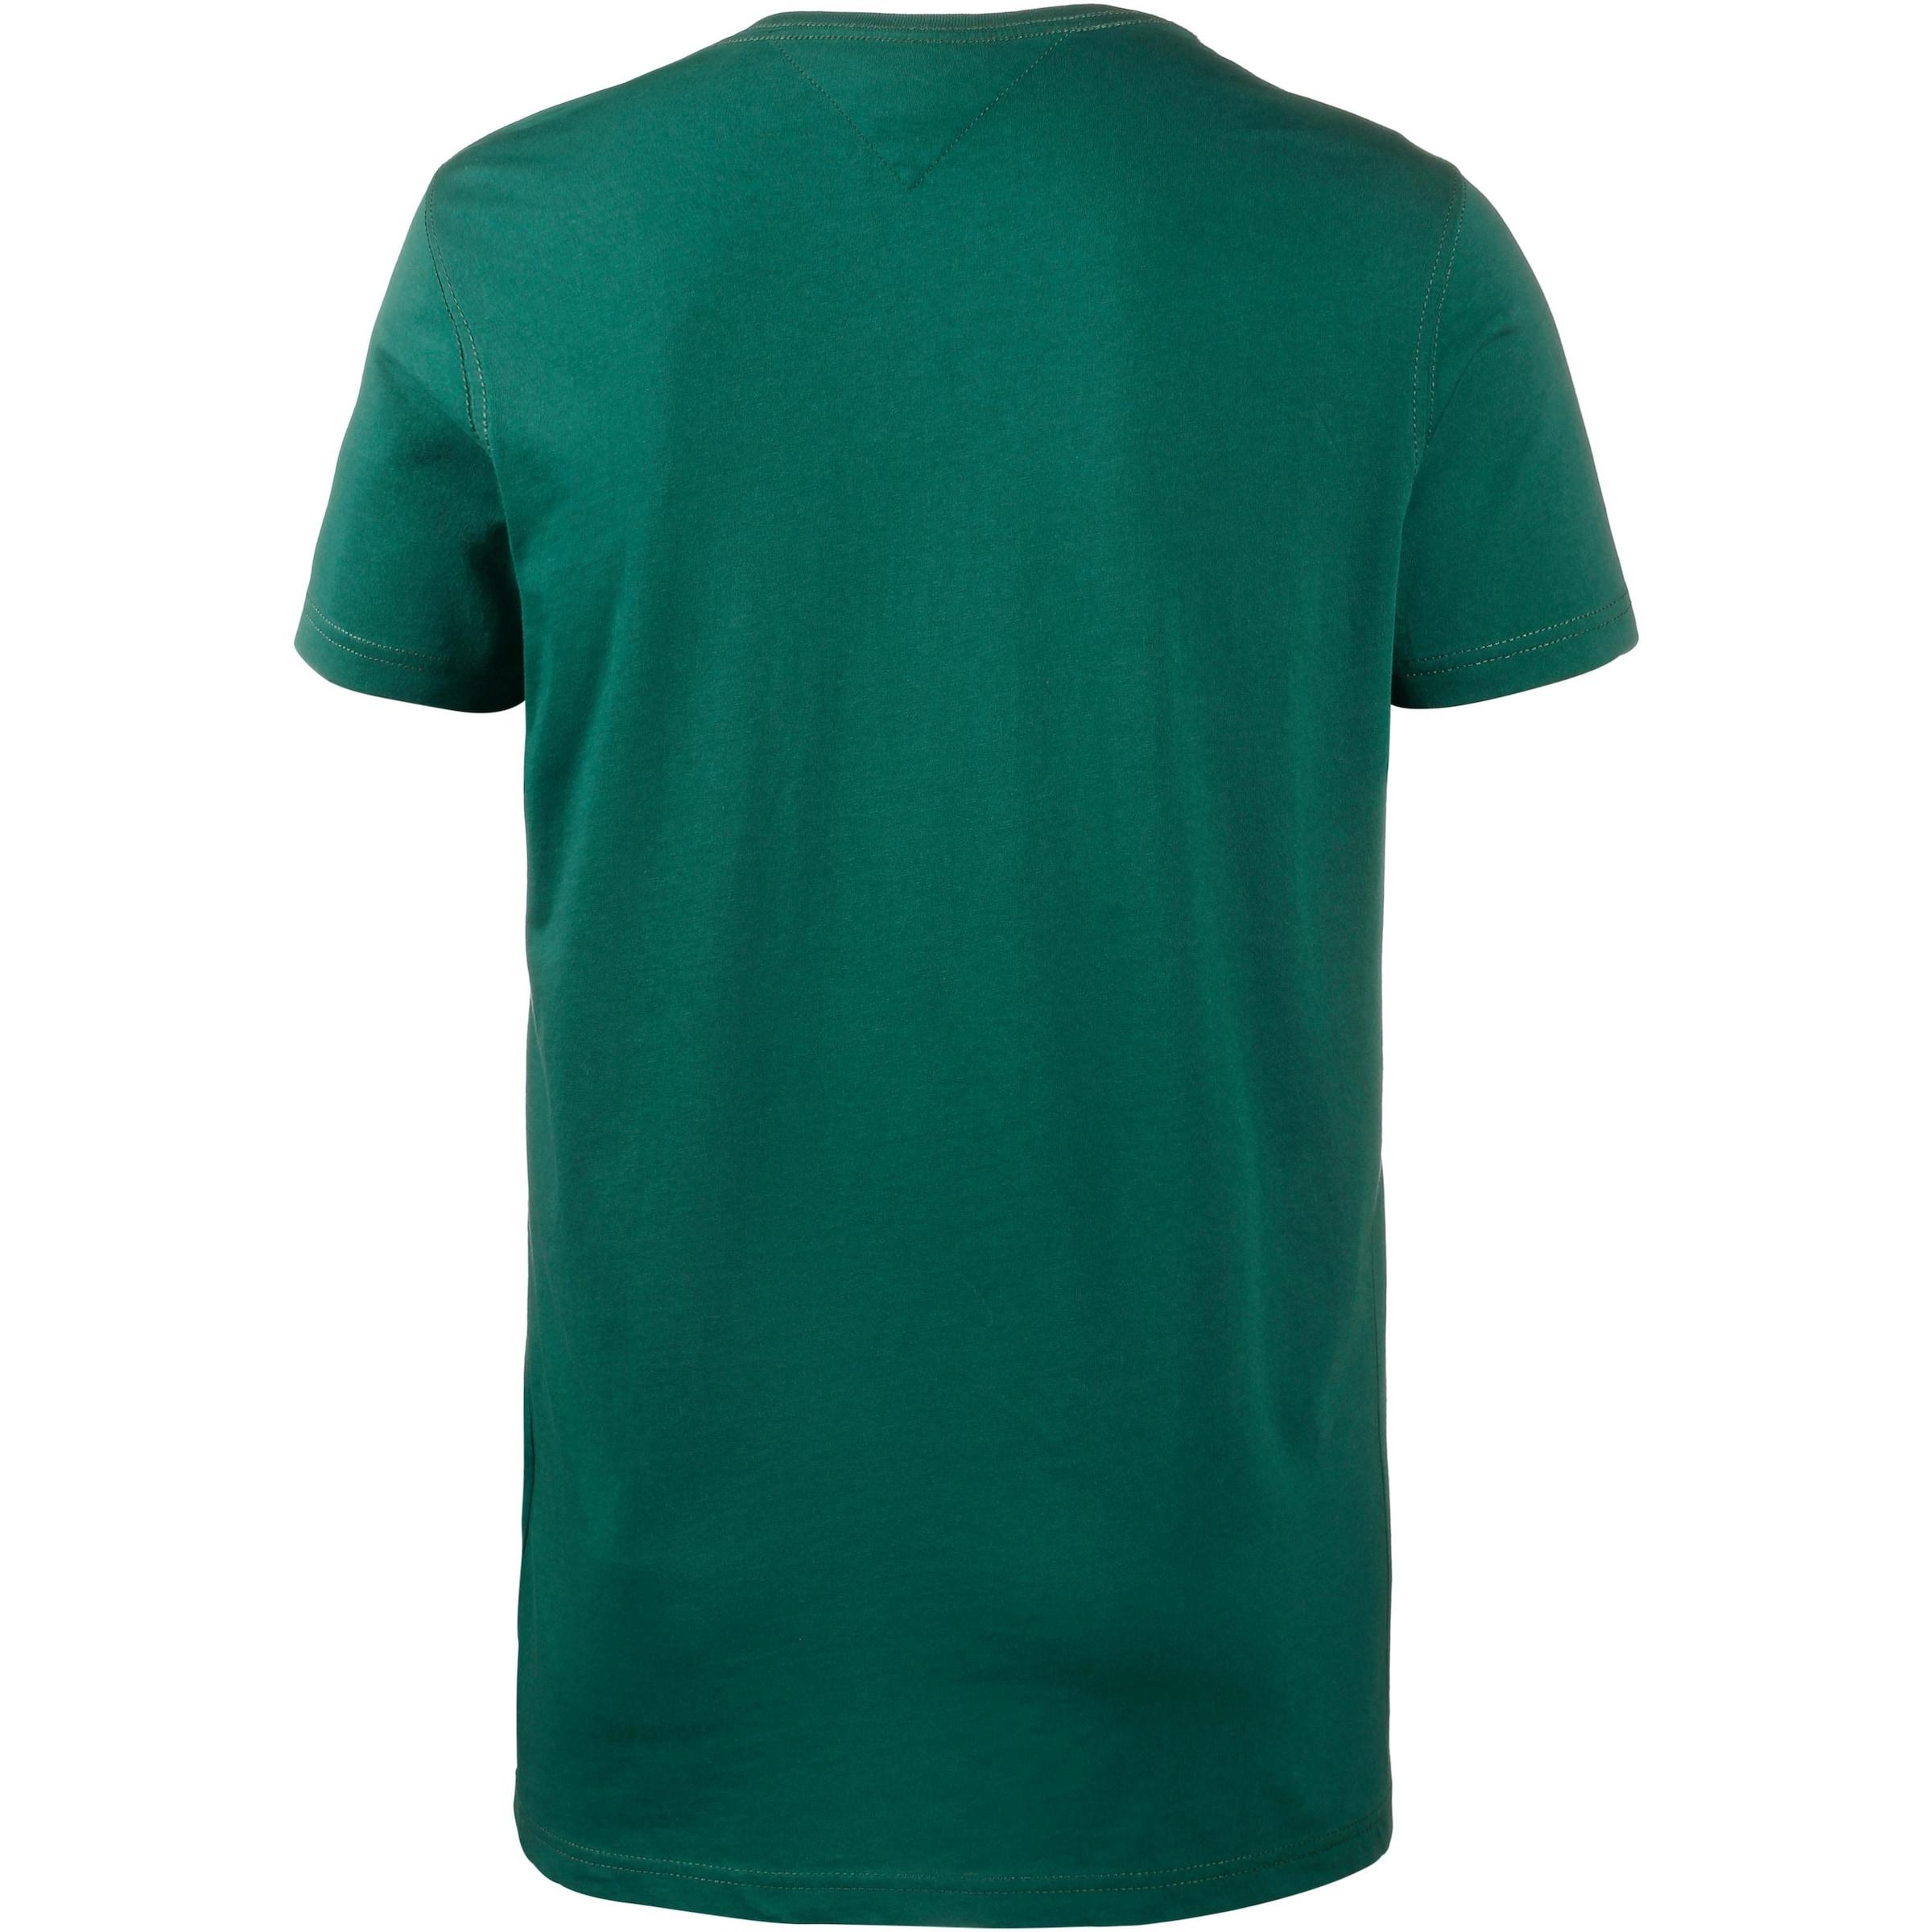 Tommy Jeans T-Shirt Herren Sammlungen Günstige Spielraum Günstig Kaufen Eastbay Rabatt Vorbestellen m8Isp2A